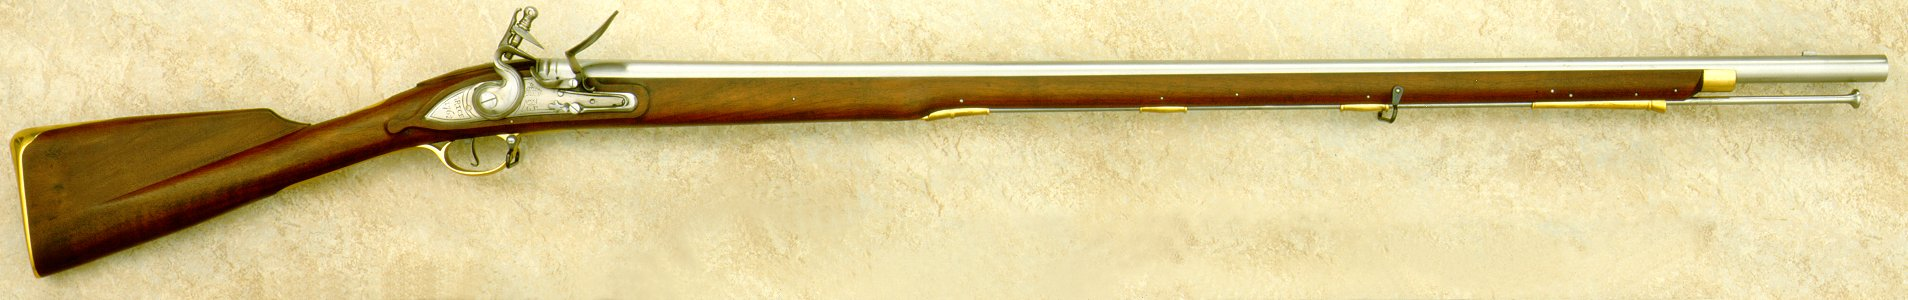 Flintlock Musket Parts 75 Caliber Flintlock Musket